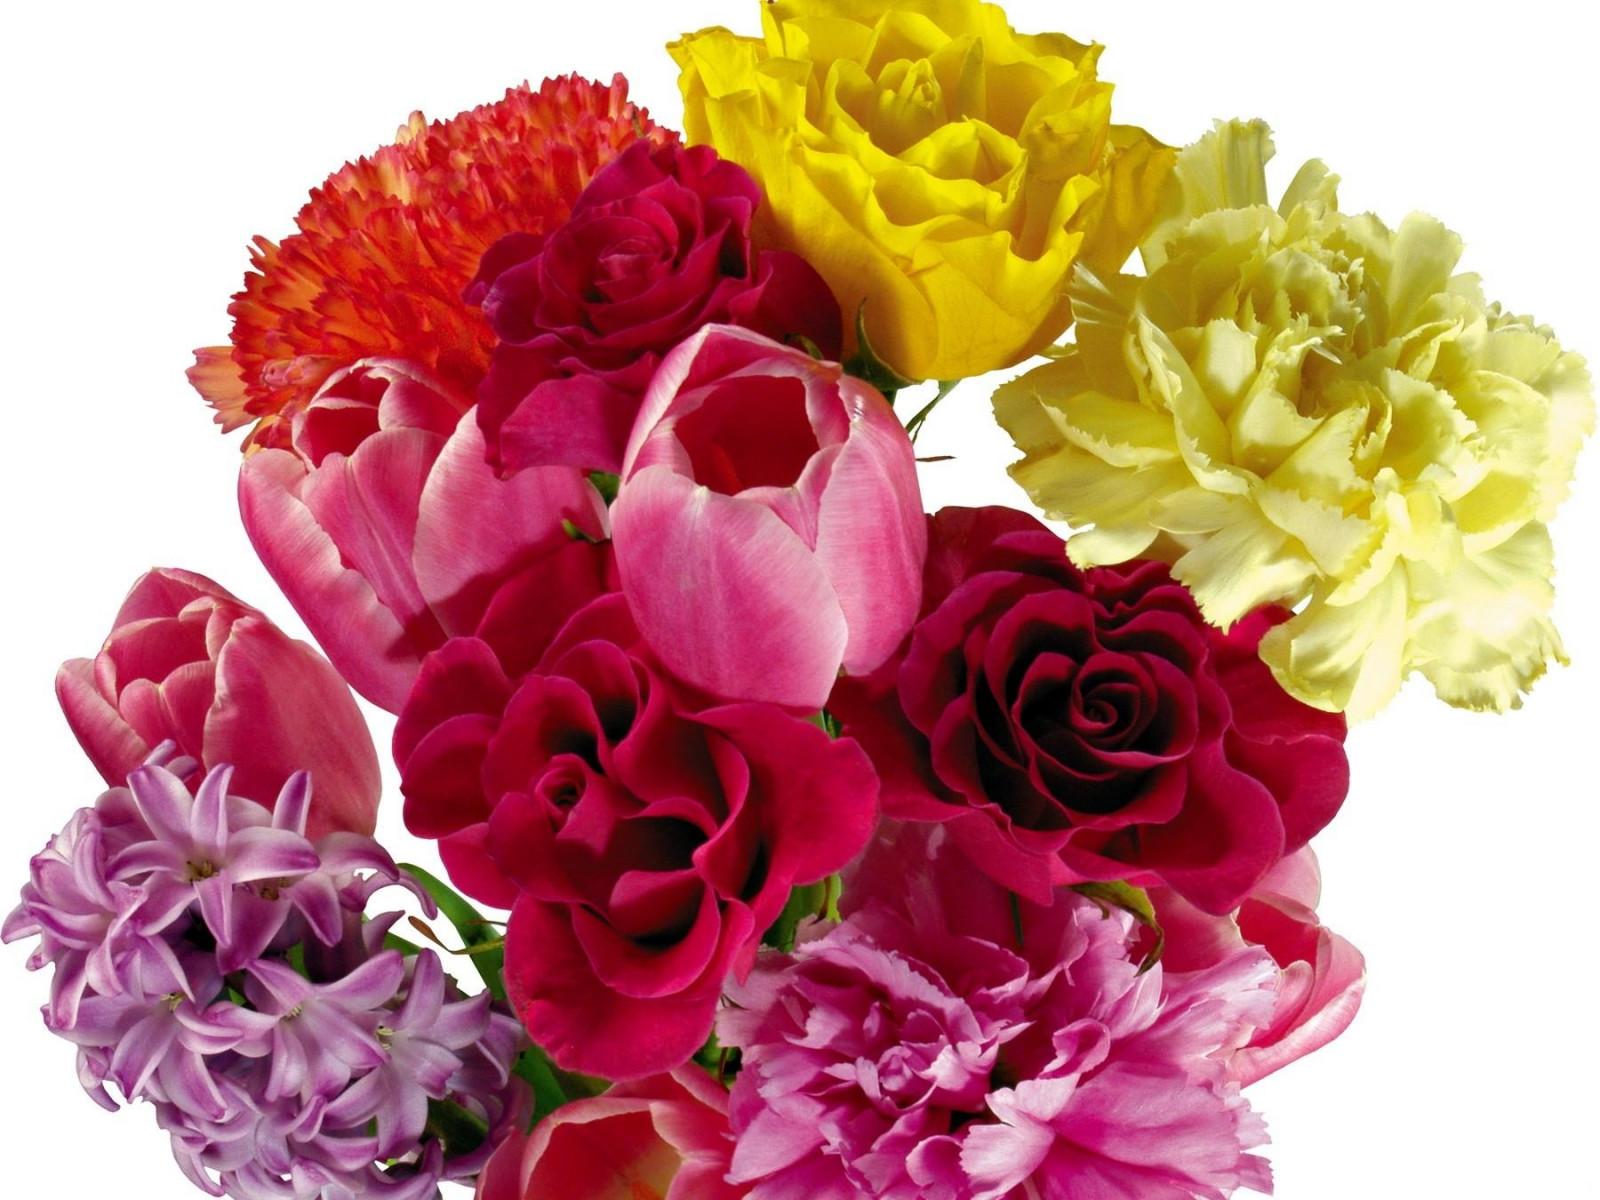 Картинки цветов тюльпанов и роз, получением прав водительских